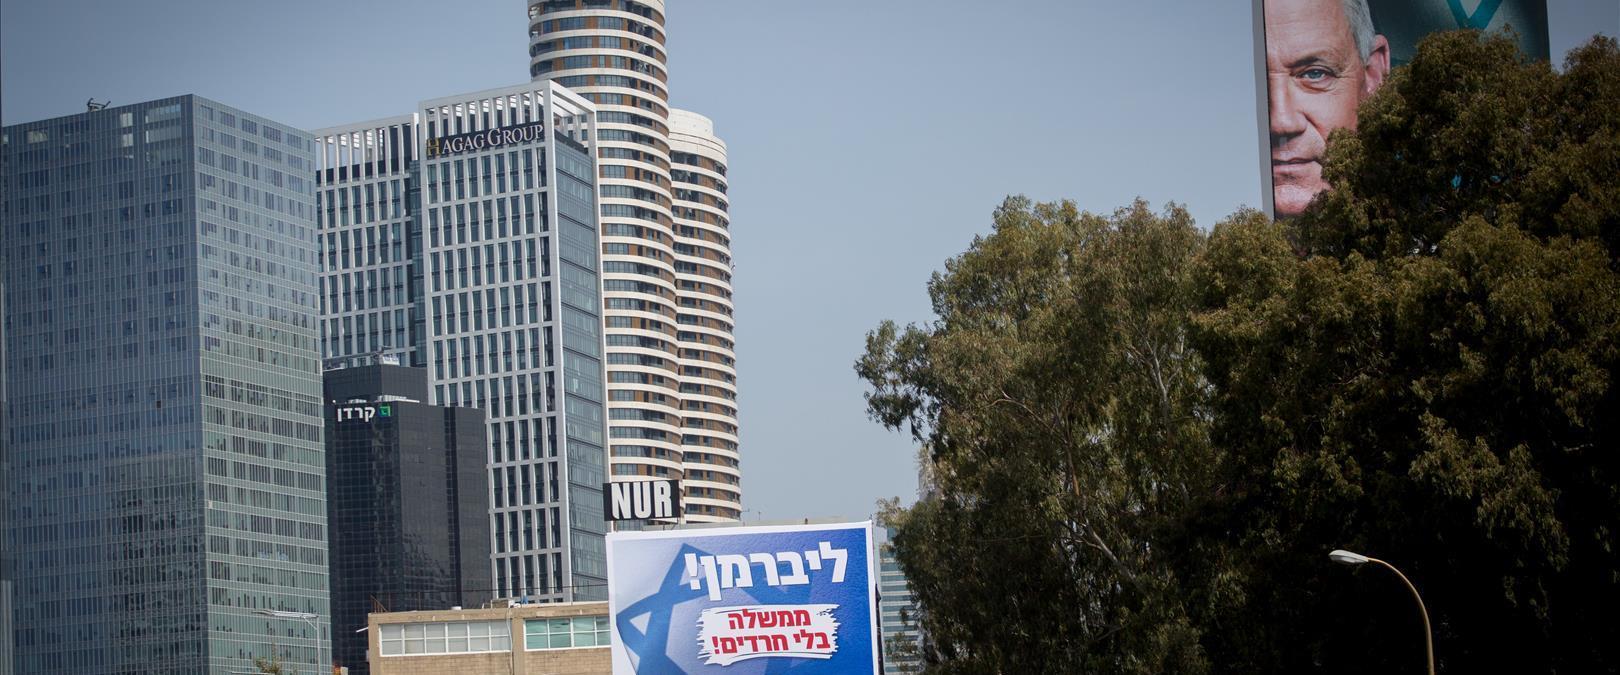 תעמולת בחירות 2021, שלטים בתל אביב